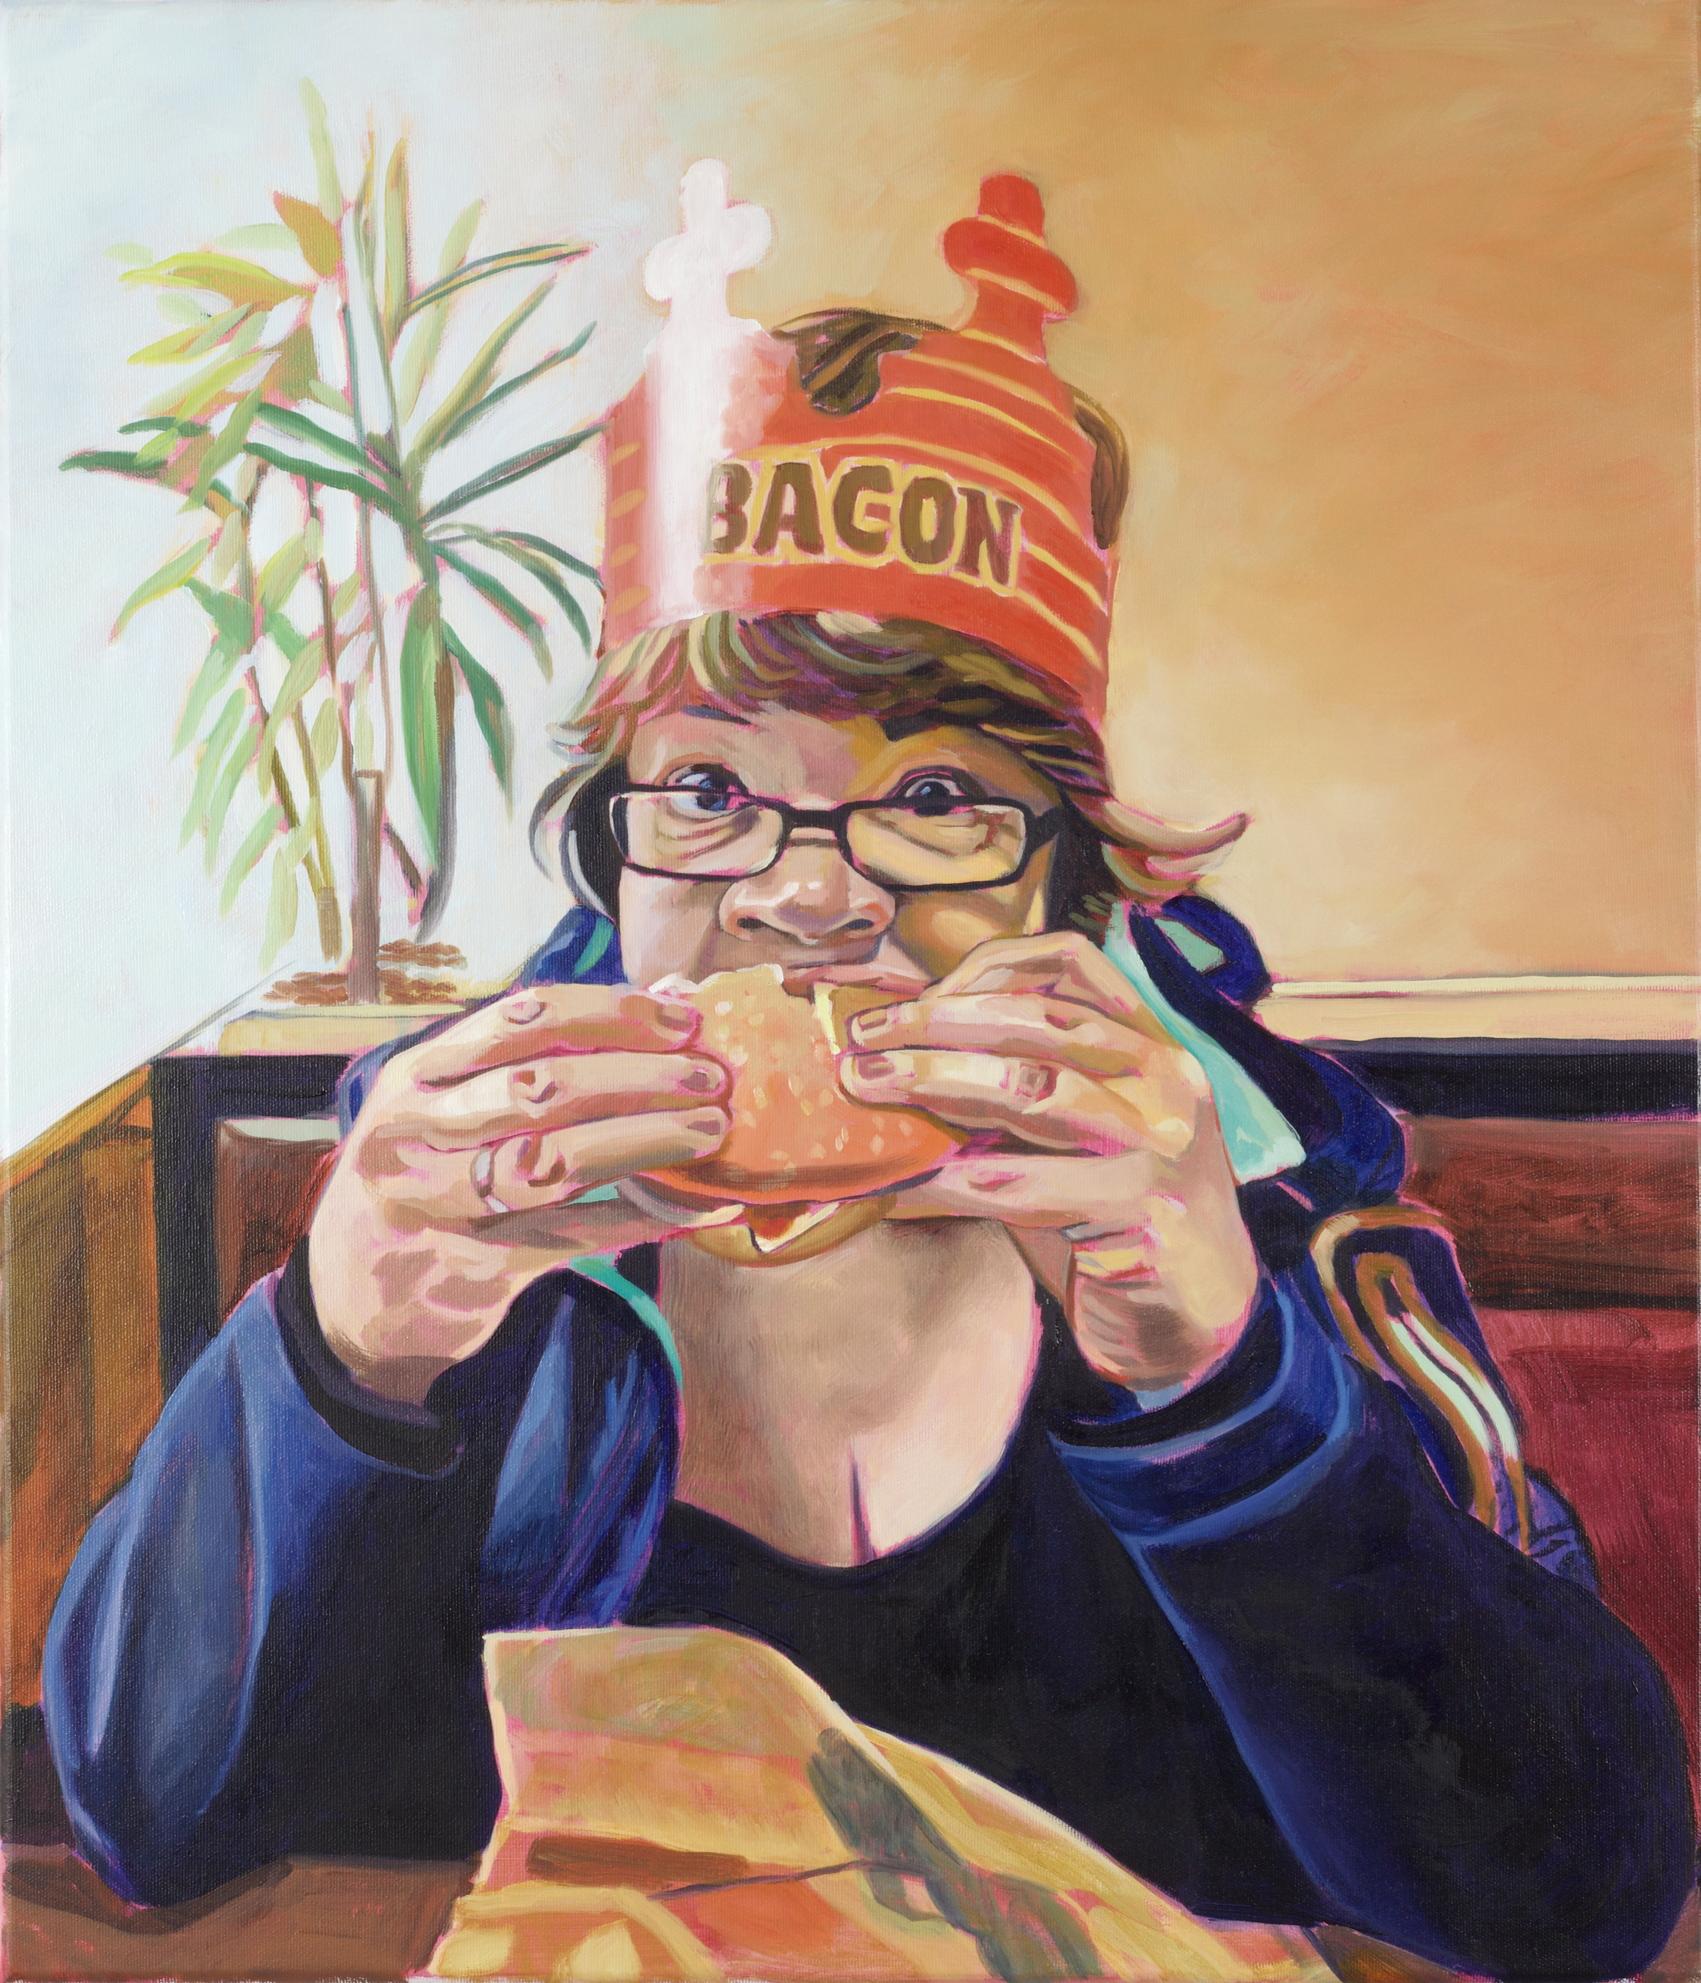 Bacon, 2017, Öl auf Leinwand, 60 x 70 cm